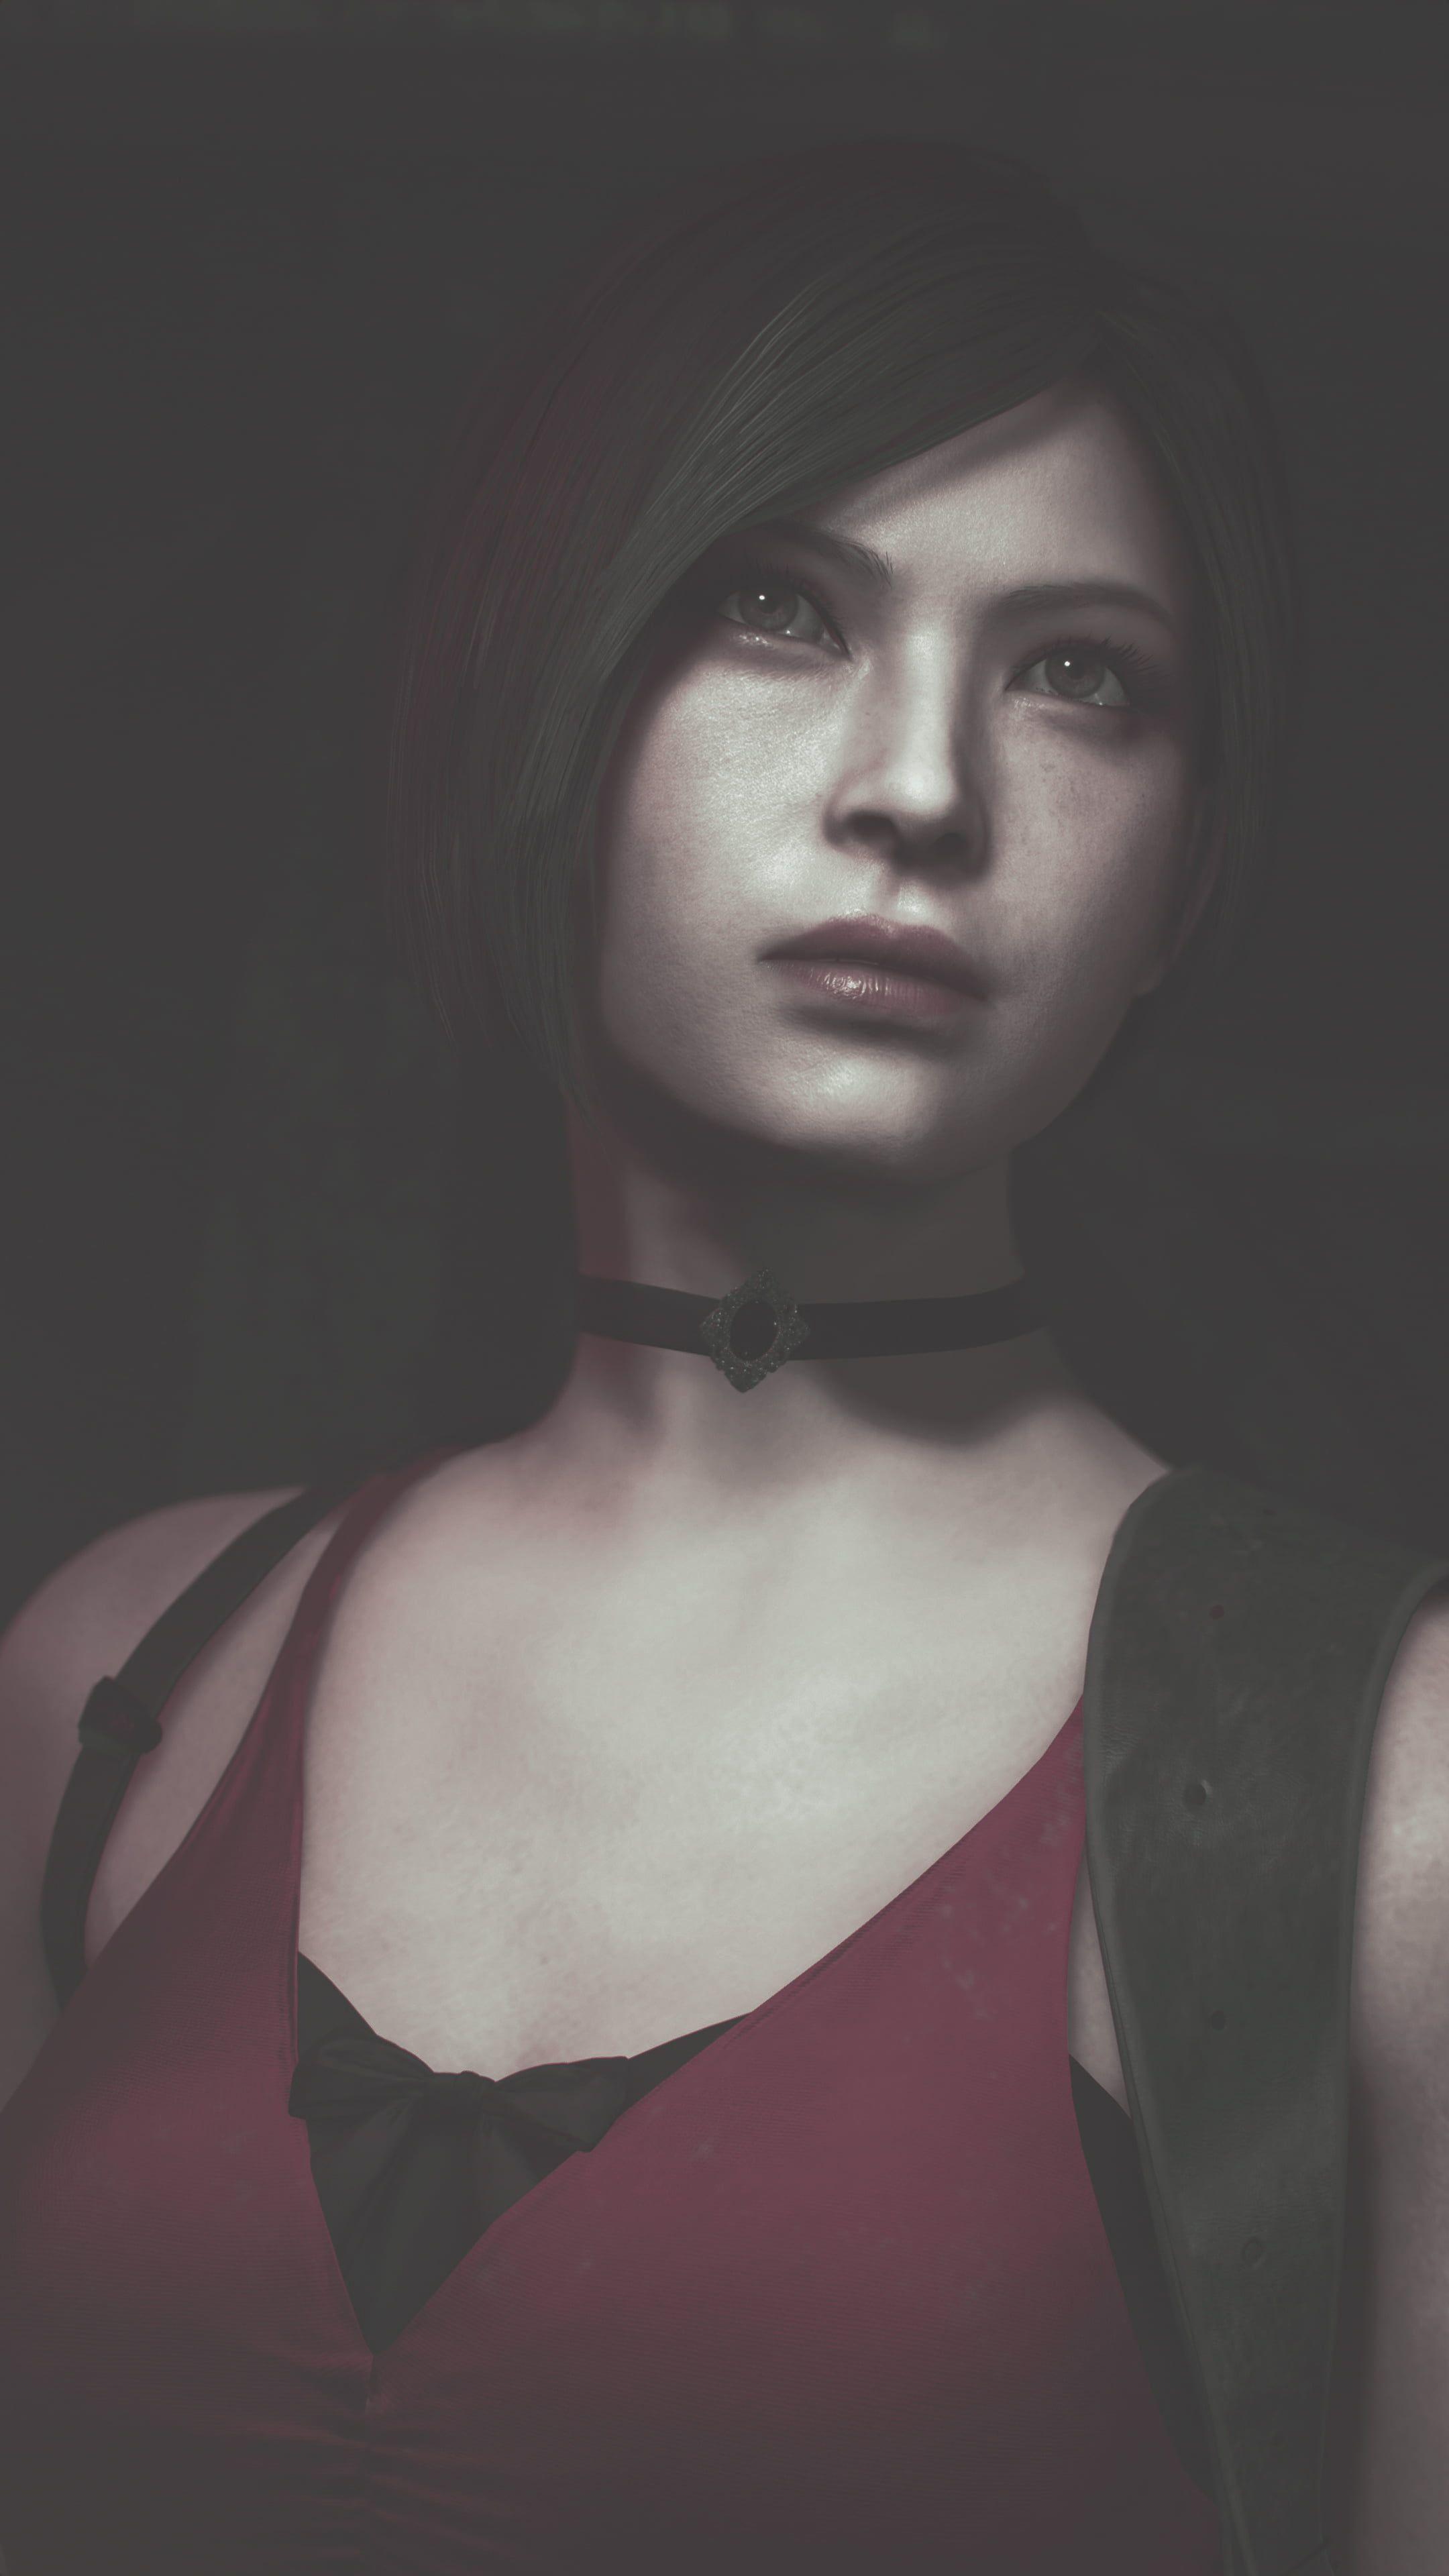 Resident Evil 2 Resident Evil 2 Remake Render Video Games Ada